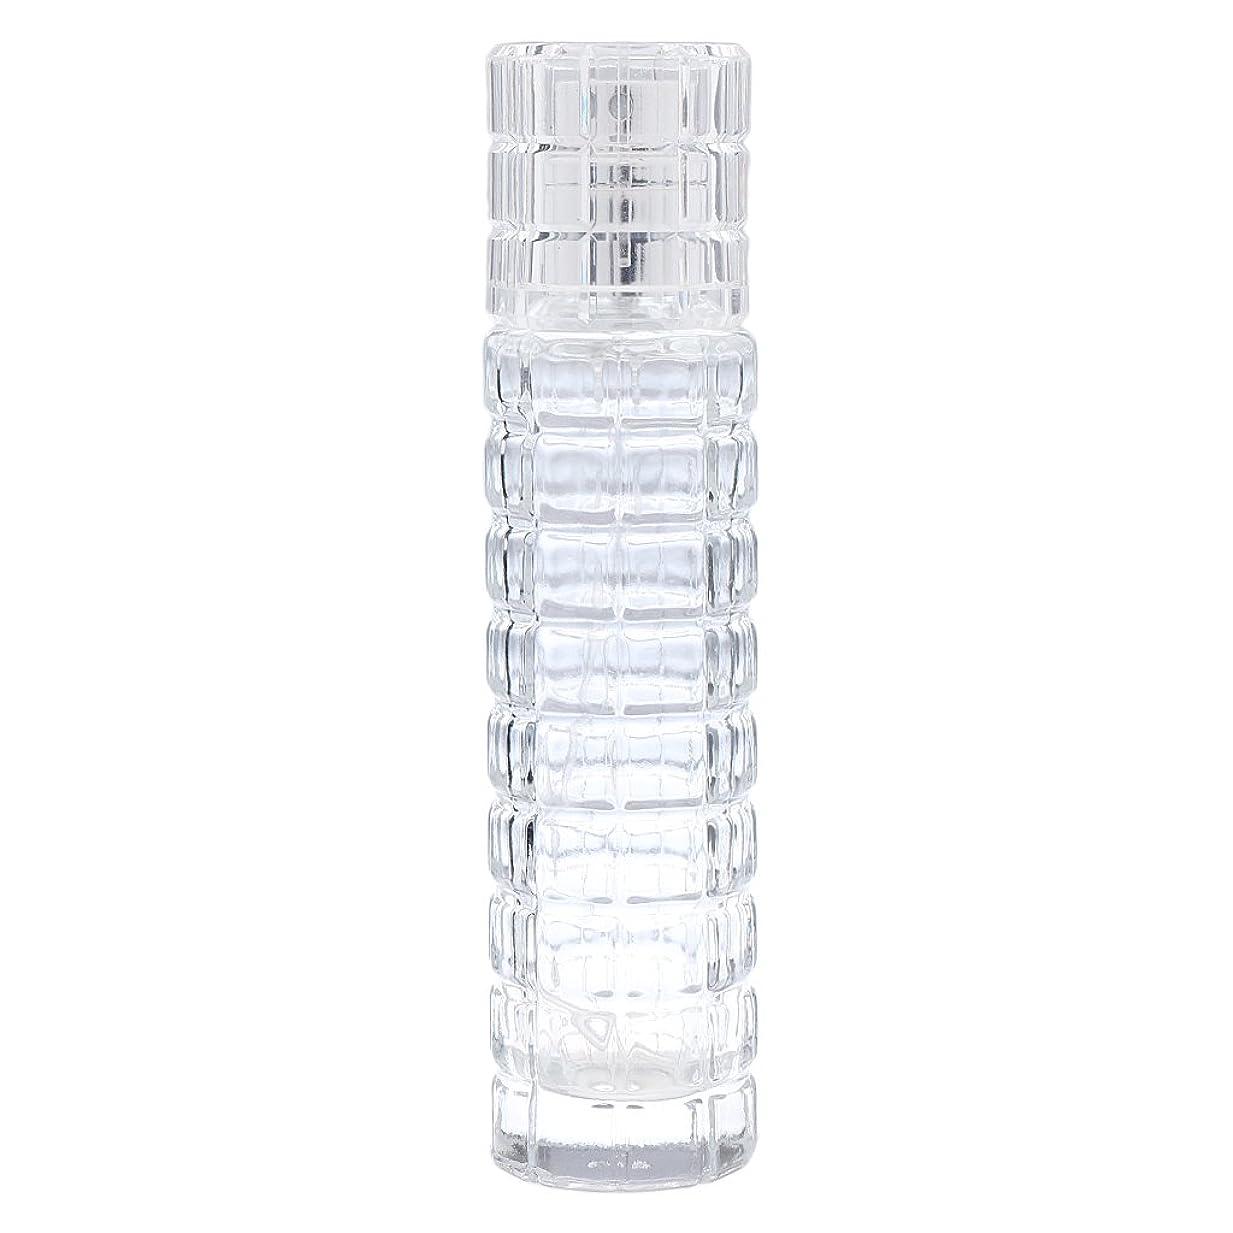 生態学爪密Fenteer ミニ 詰め替え可能 耐久性 ガラス 空 香水瓶 旅行 香水 スプレーボトル アトマイザー 30ml 全2色 - クリア